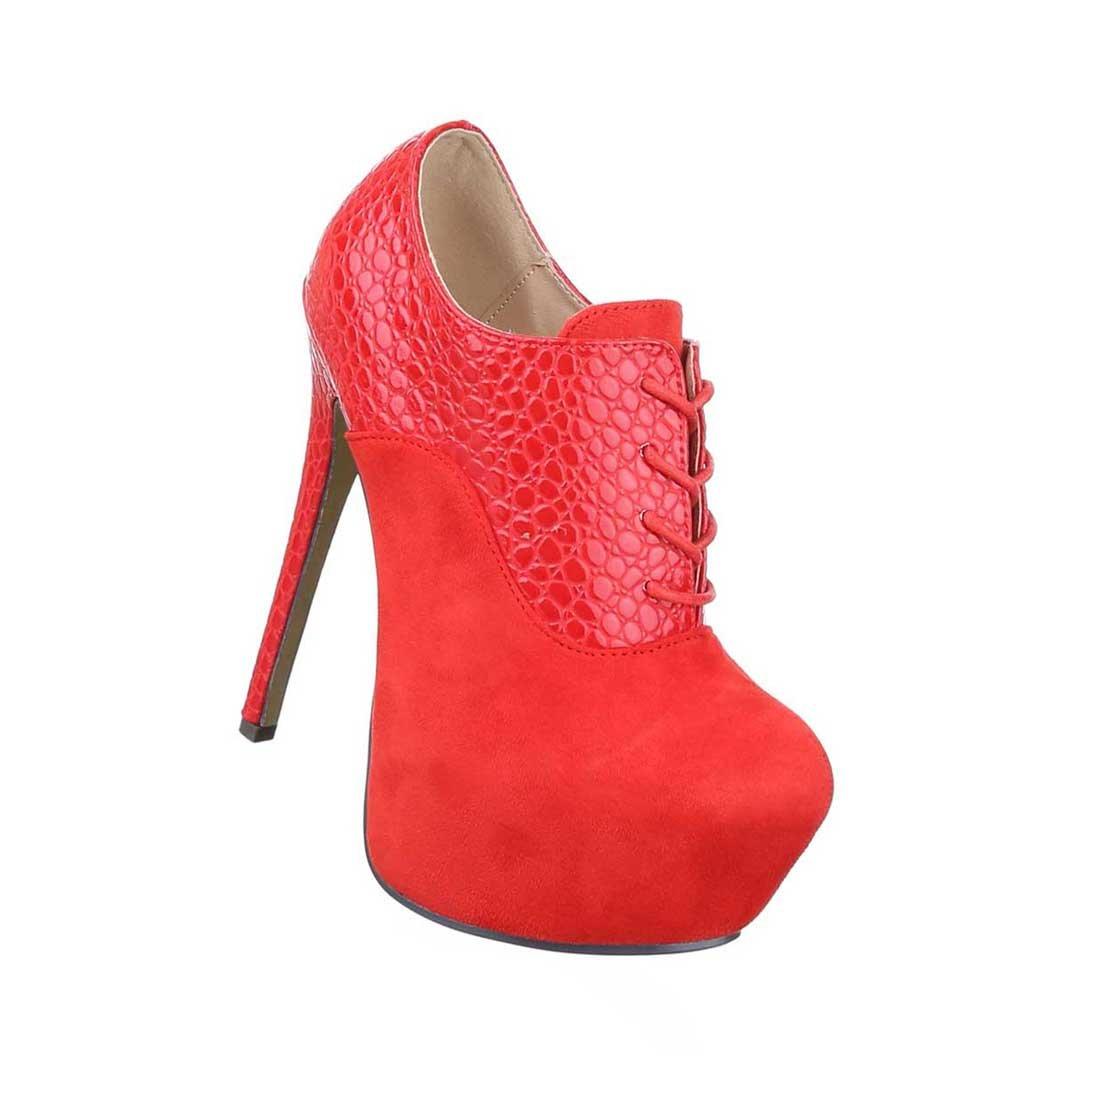 Damen Stiefeletten Schuhe Ankle Stiefel High Heels Schwarz Blau Rot 35 36 37 38 39 40 41